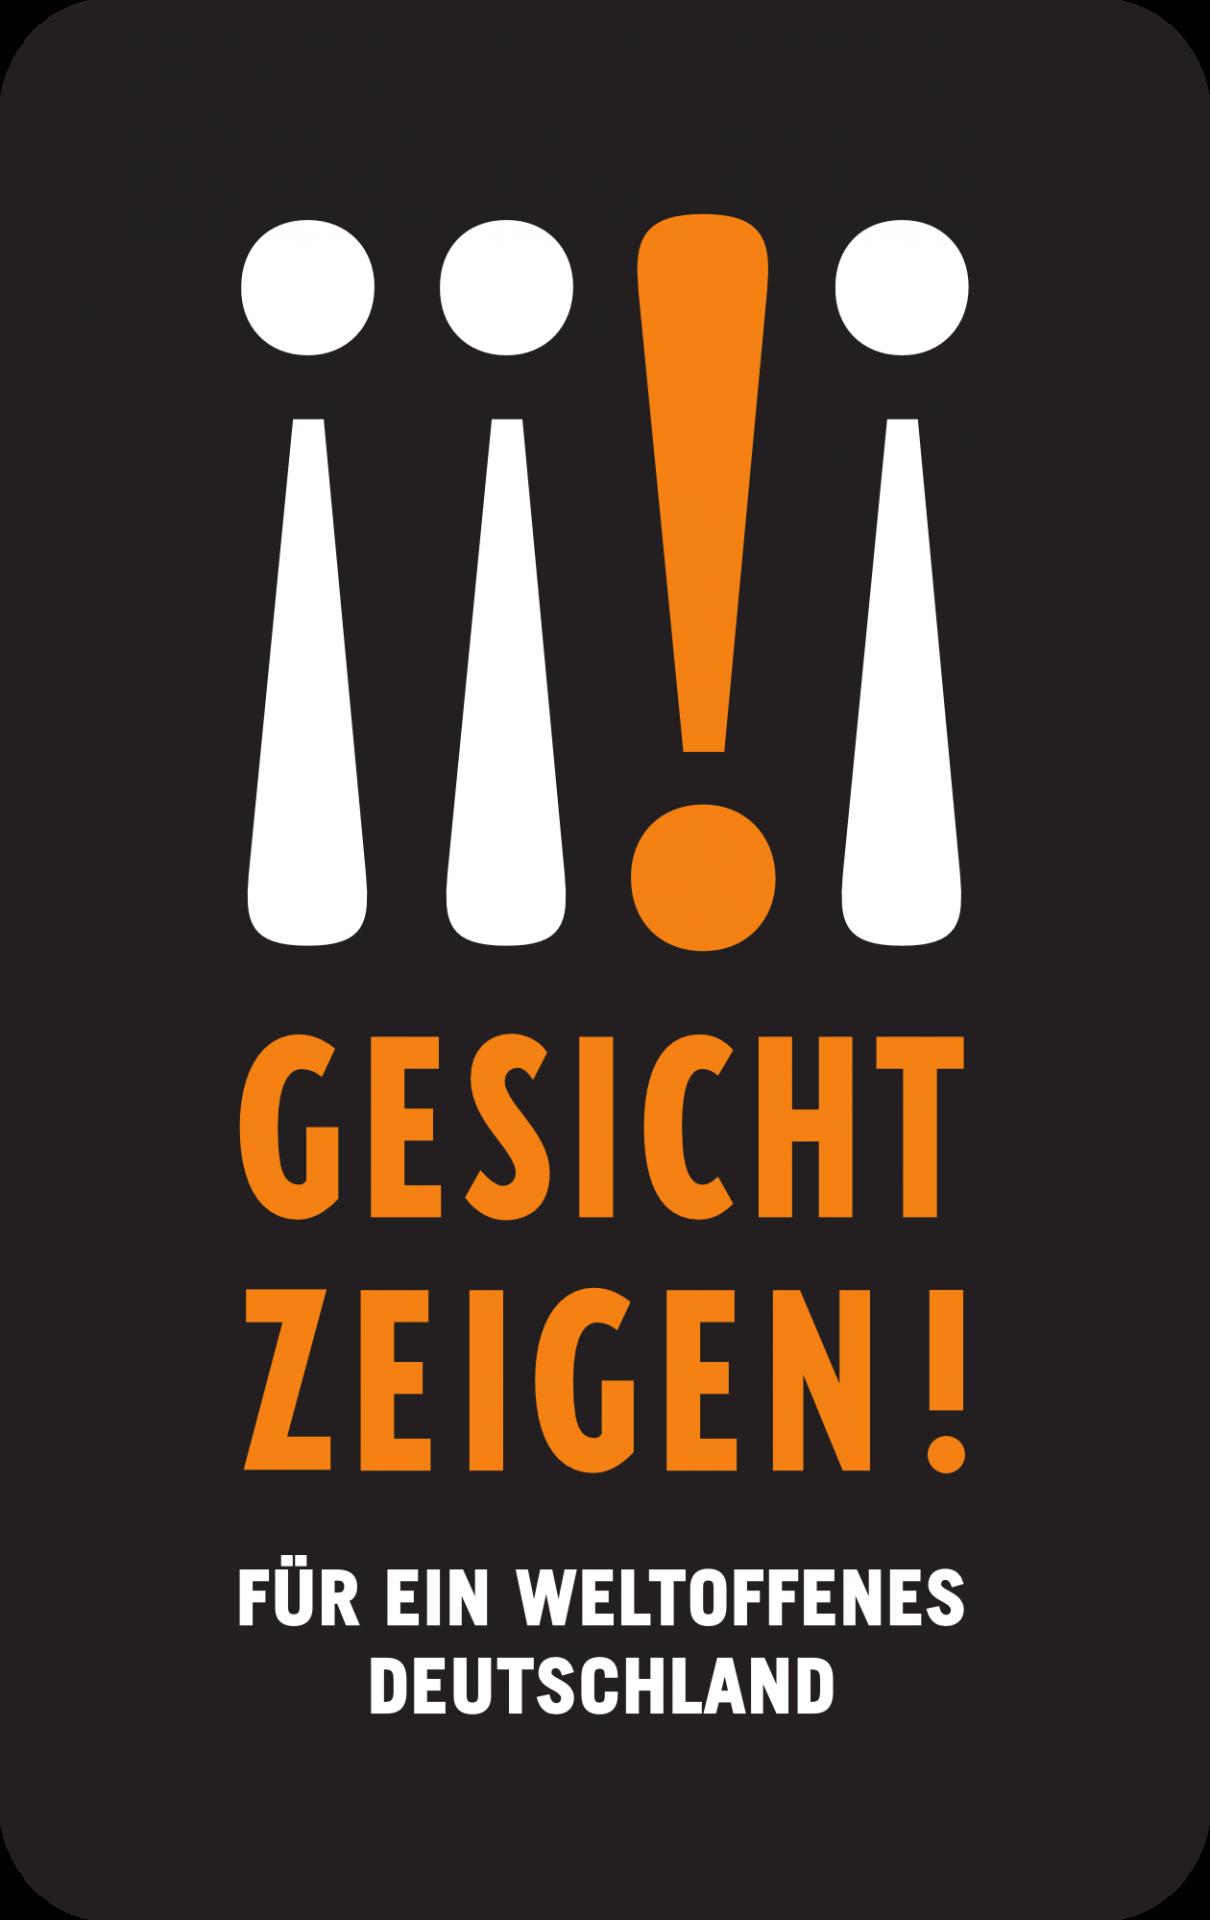 logo-nach-svg-gewandelt-jpk-2